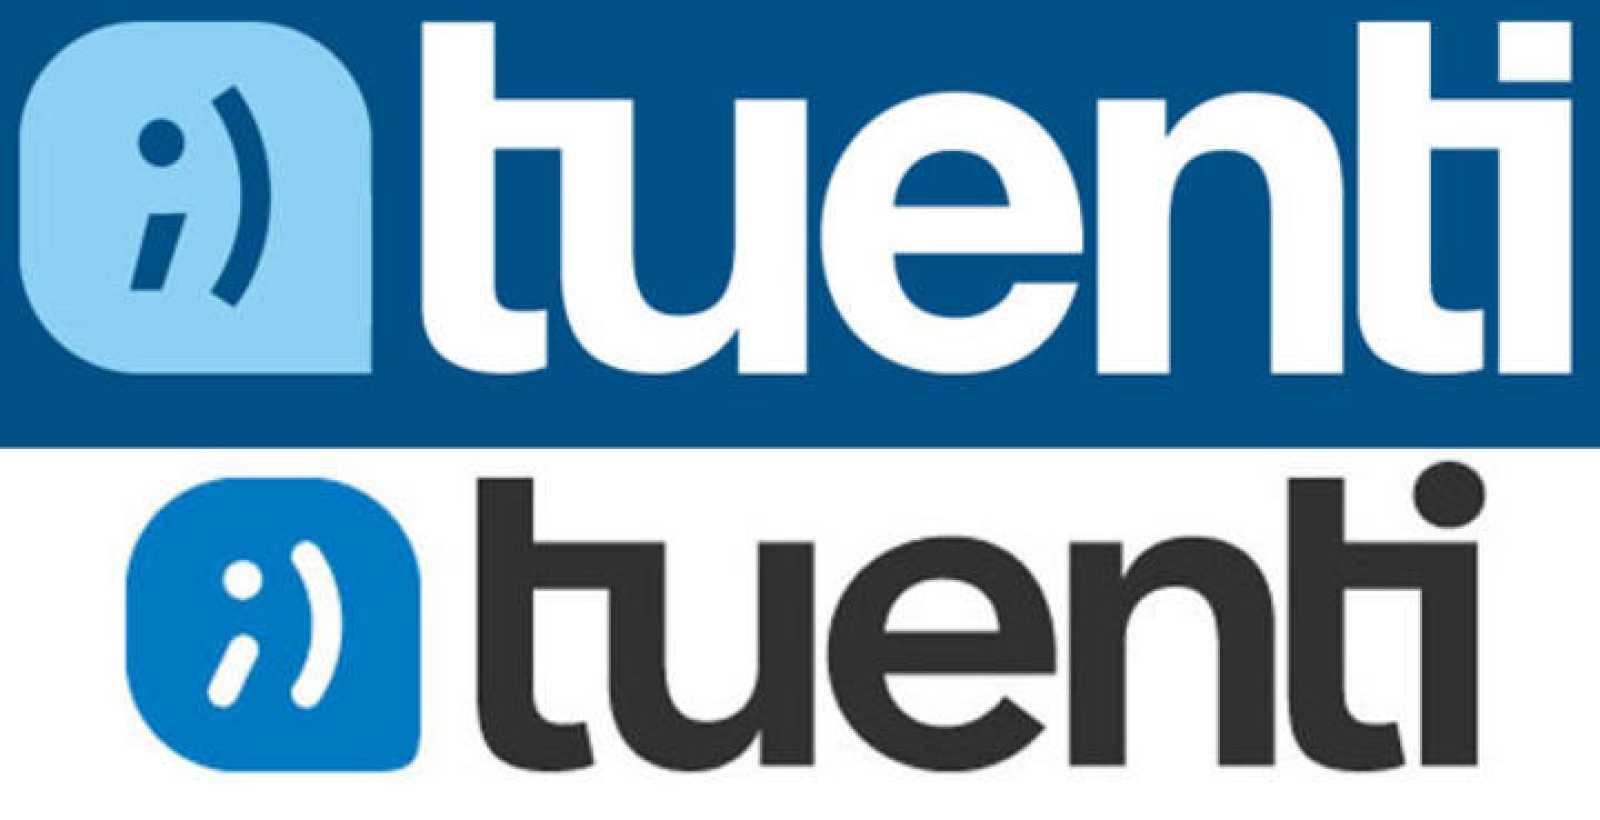 El nuevo logo de Tuenti (debajo), más azul y redondeado